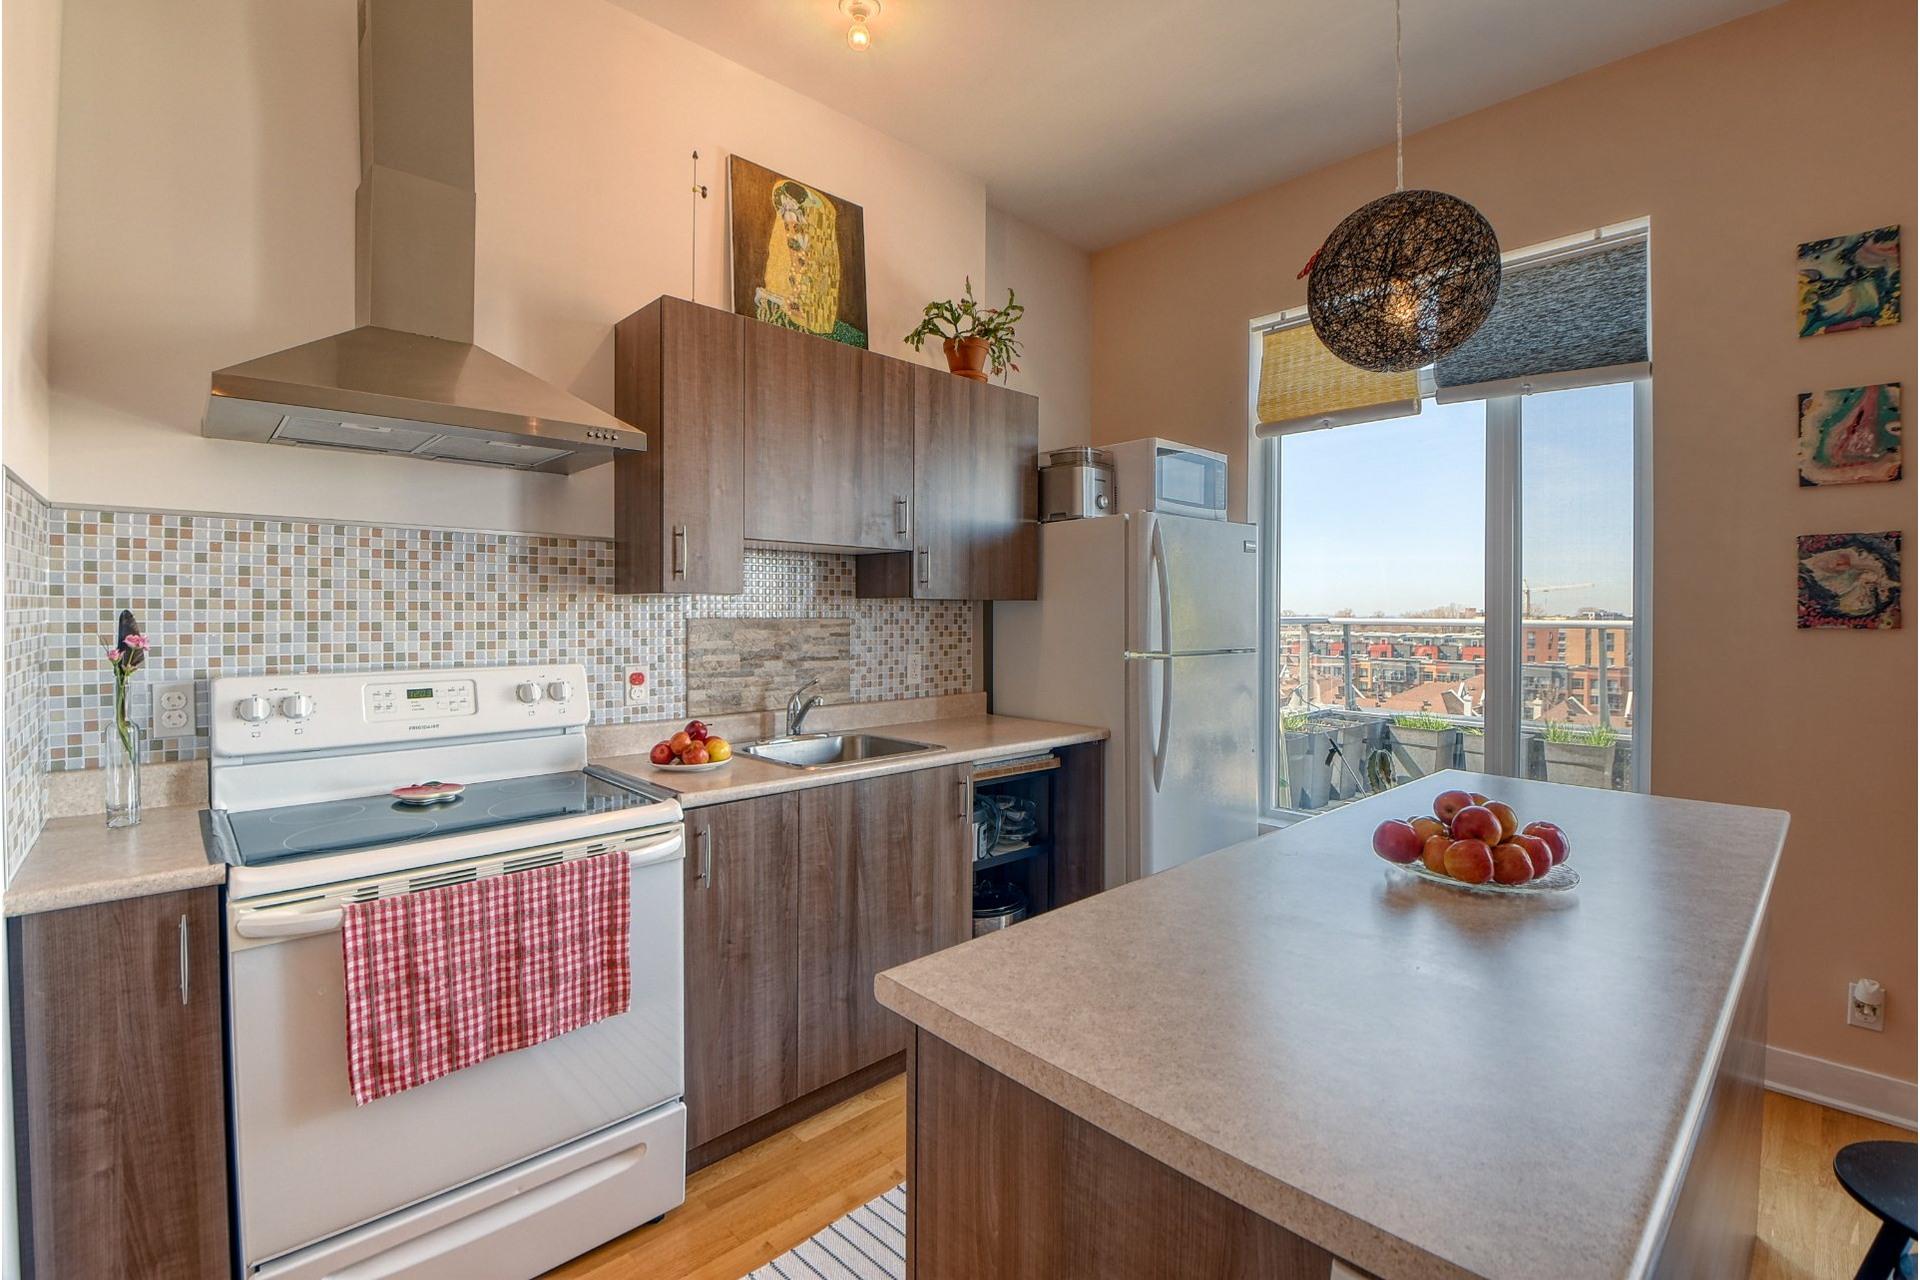 image 6 - Appartement À vendre Lachine Montréal  - 6 pièces